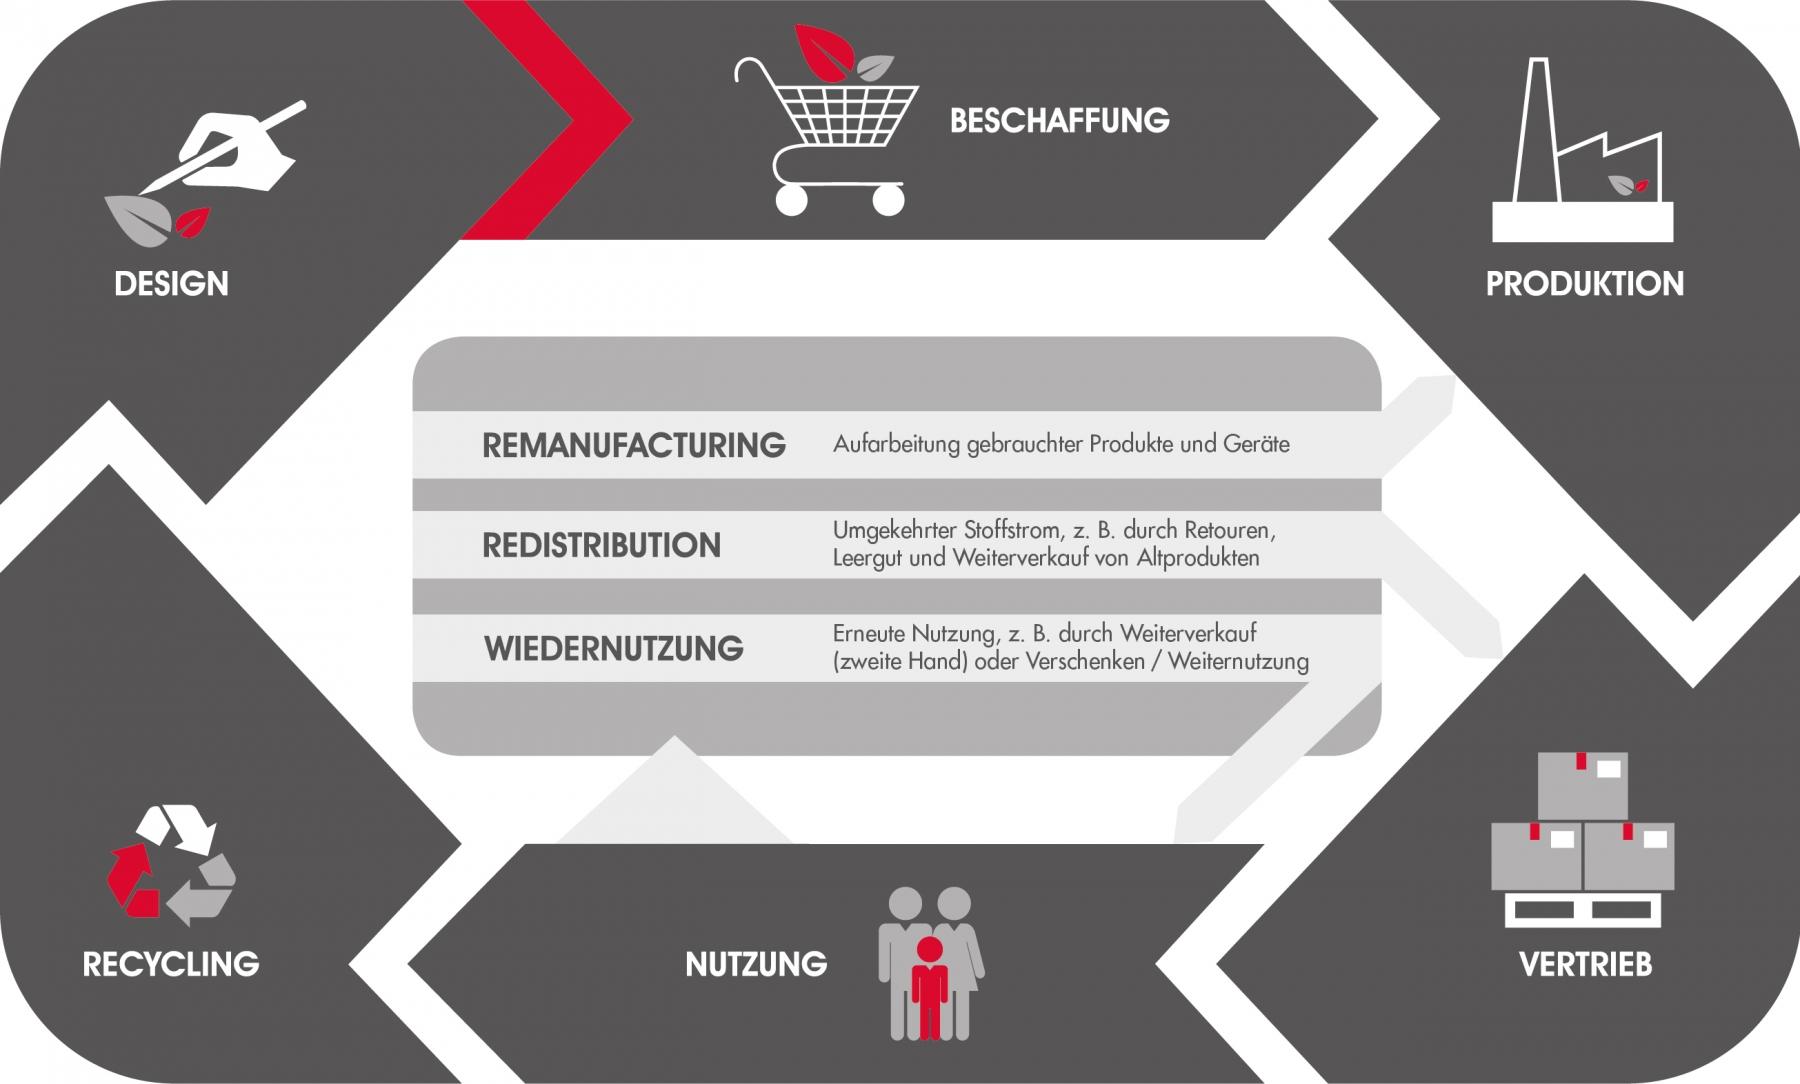 Die Grafik zeigt die Phasen des Kreislaufs einer zirkulären Wirtschaft: Design, Beschaffung, Produktion, Vertrieb, Nutzung  und Recycling.